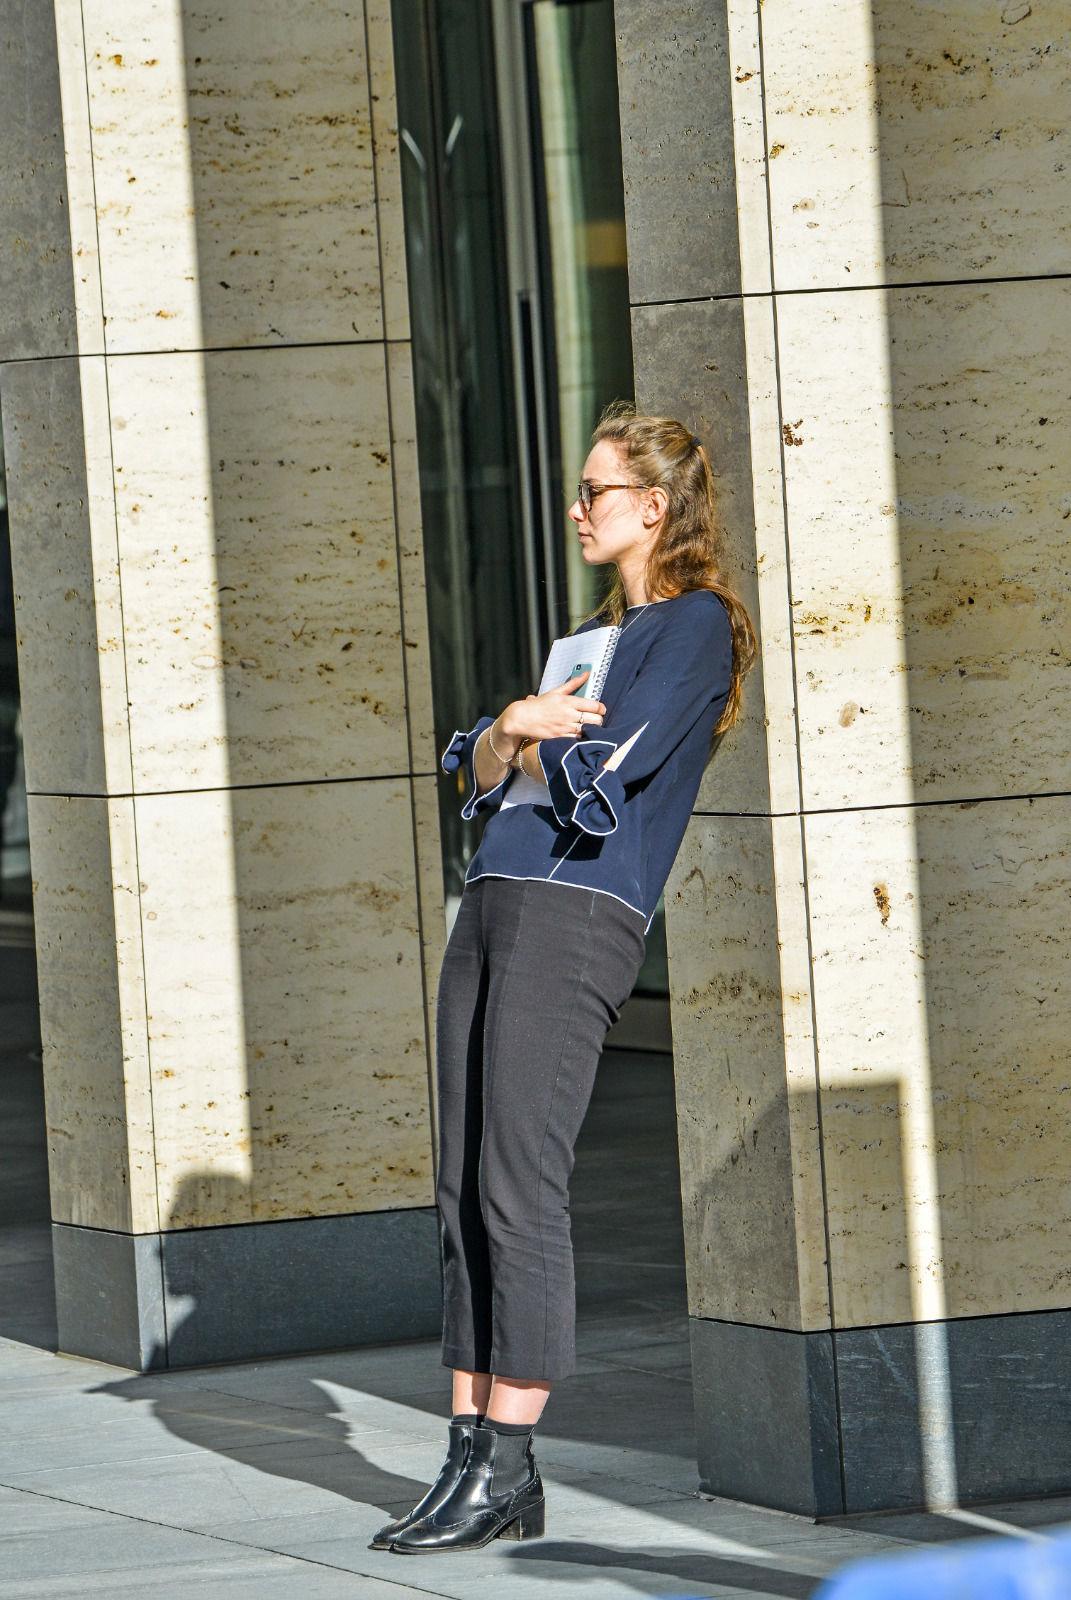 local london area photo sunbather